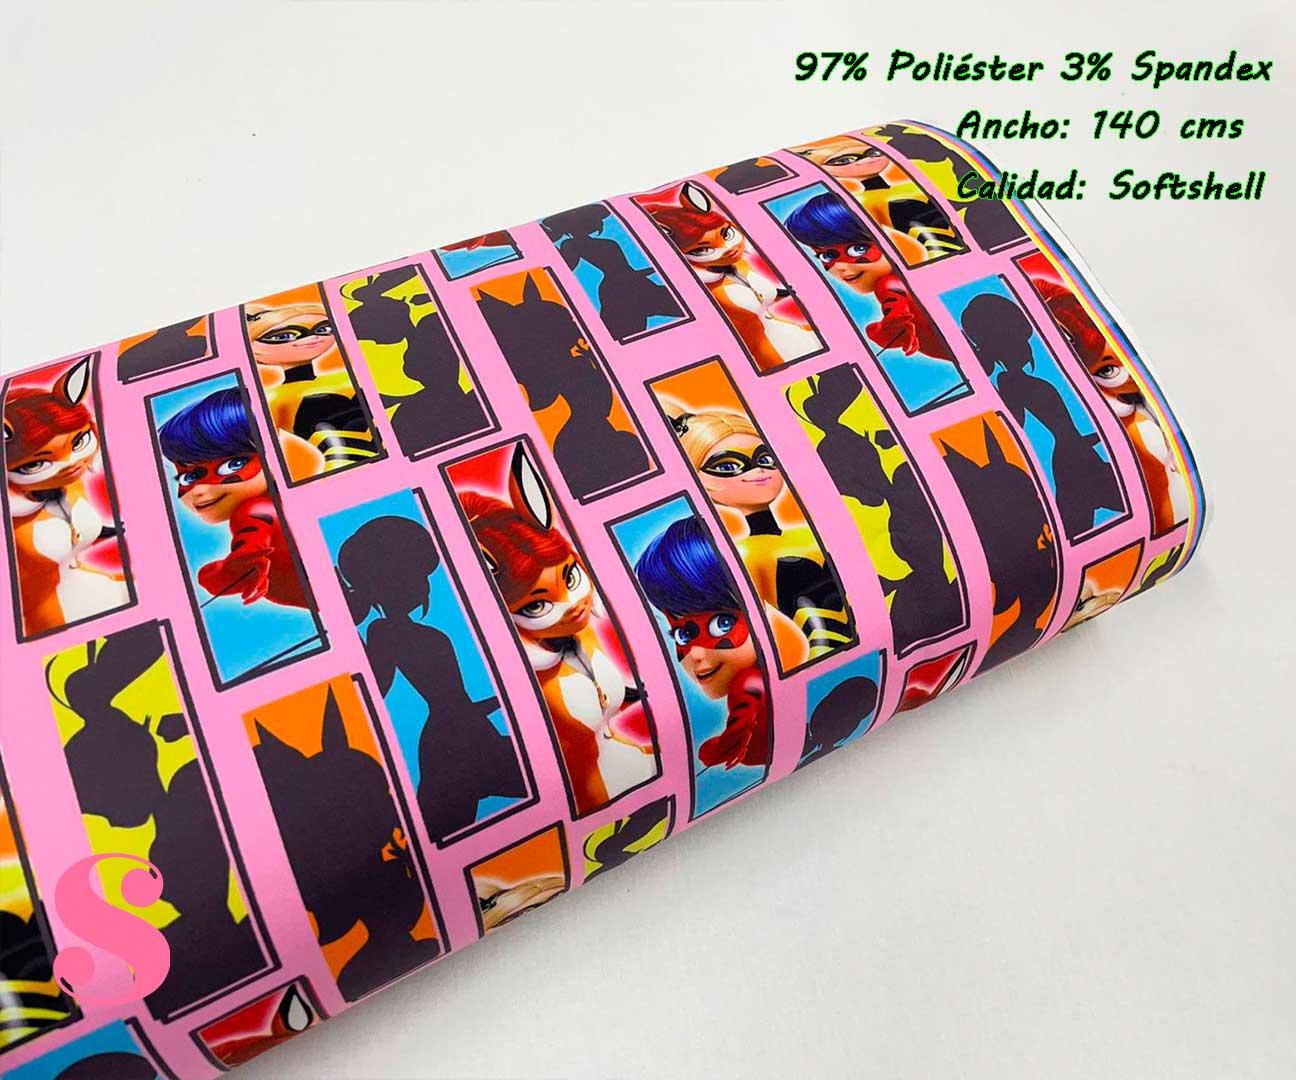 31-telas-impermeables-estampadas,softshell-estampado,telas-lady-bug,estampado-ladybug,SoftShell Estampado Ladybug